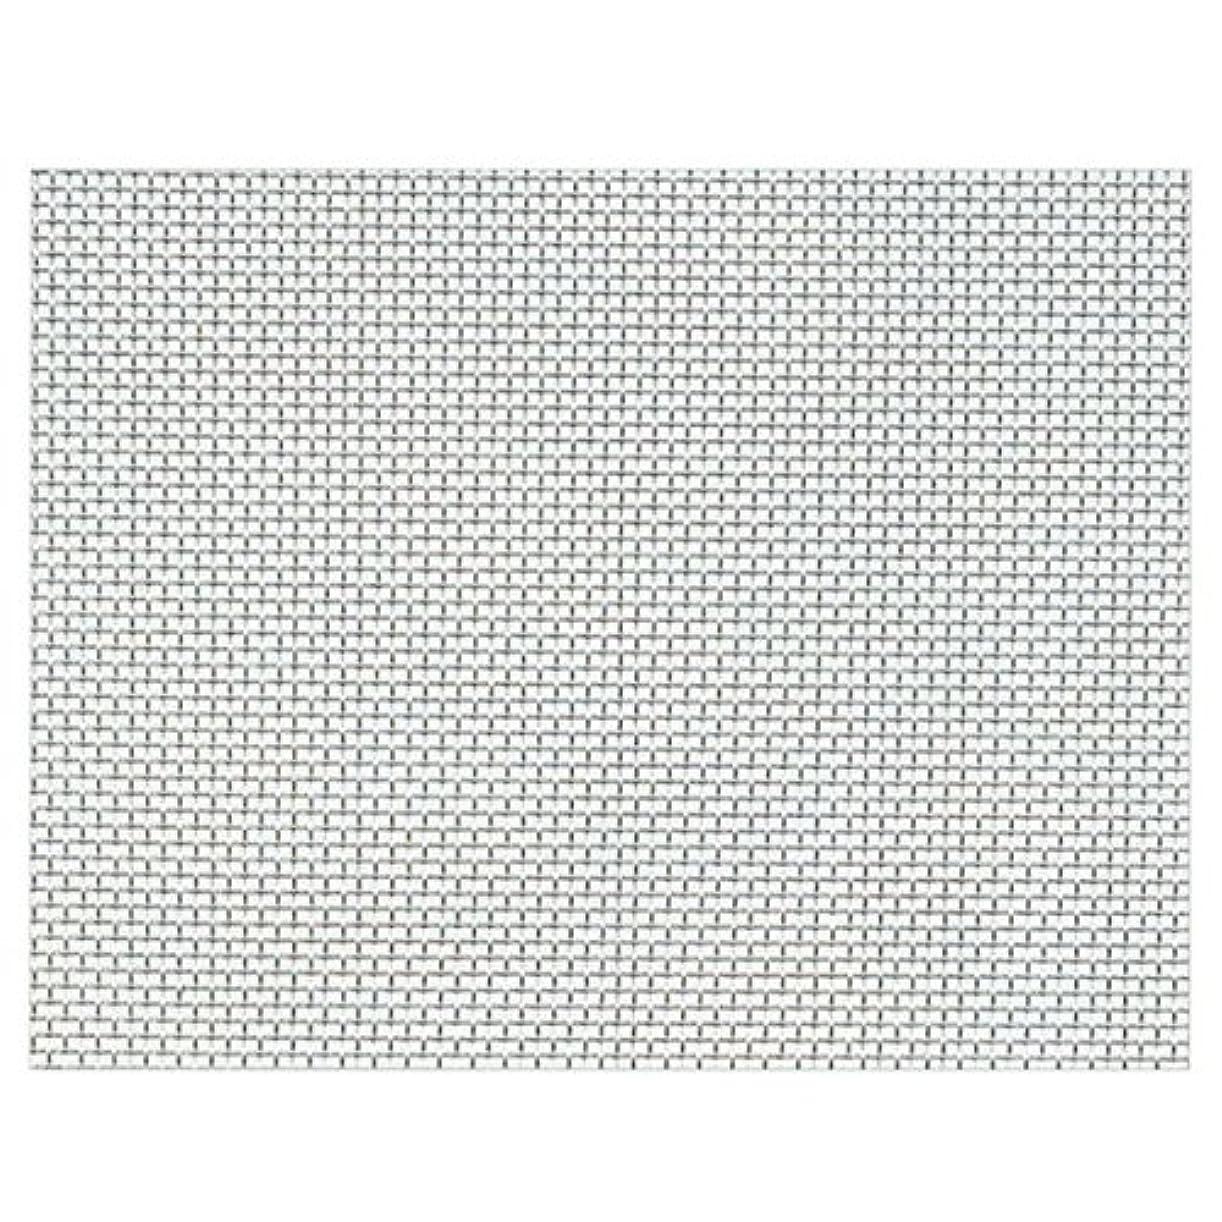 パノラマ伝導率写真を撮る産業用金網 ステンレス平織金網 線径0.25mm:18メッシュ 開目1.16mm[幅1000mm×高1000mm]